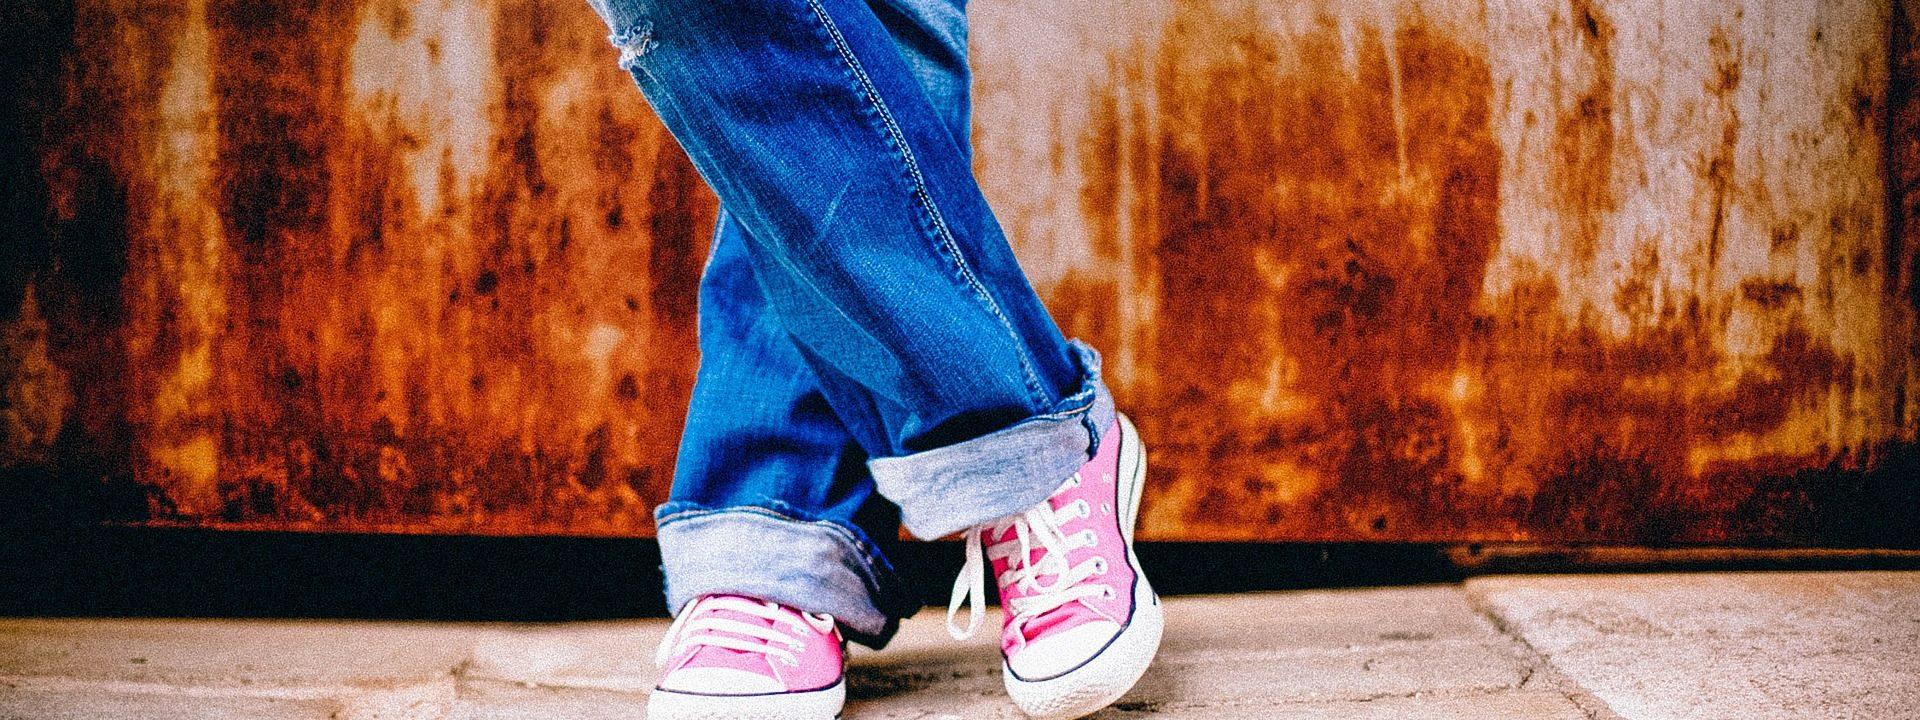 ¿Métodos anticonceptivos en la adolescencia?